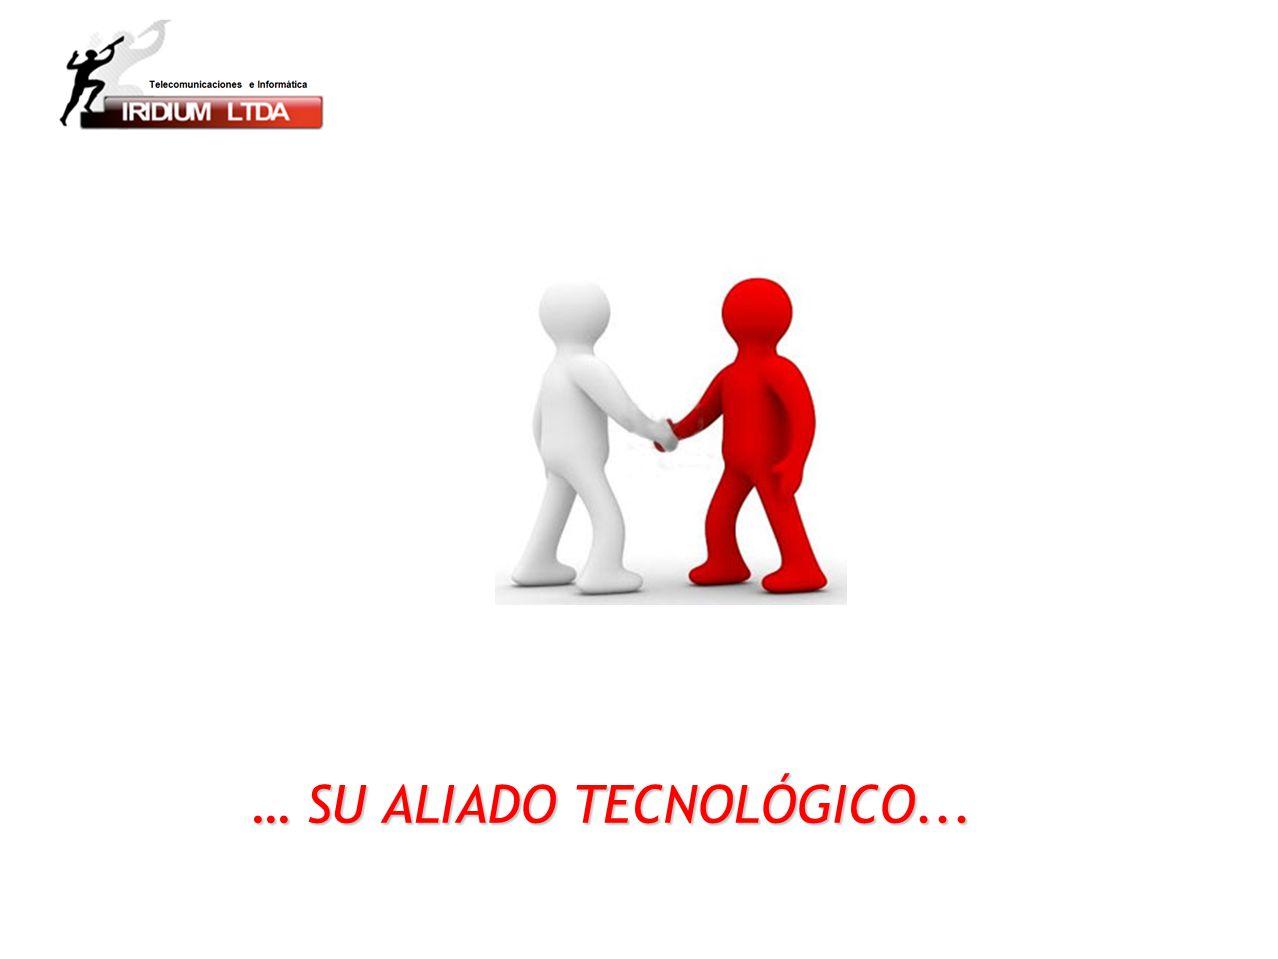 … SU ALIADO TECNOLÓGICO...